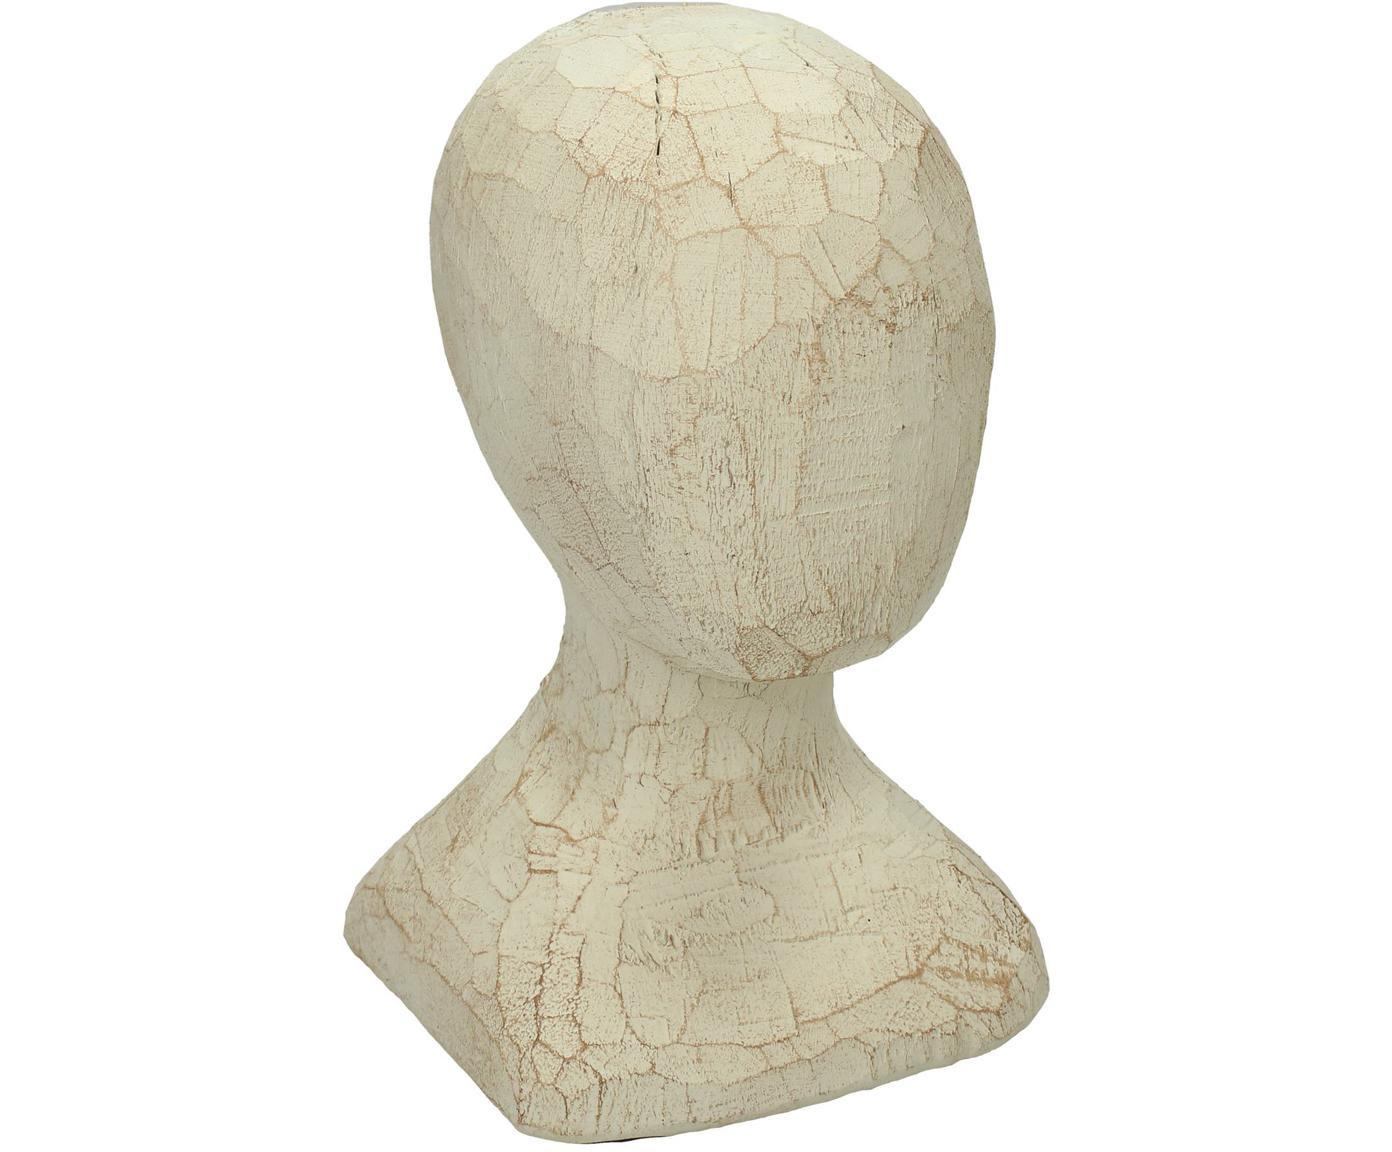 Dekoracja Head, Poliresing, Beżowy, S 12 x W 20 cm